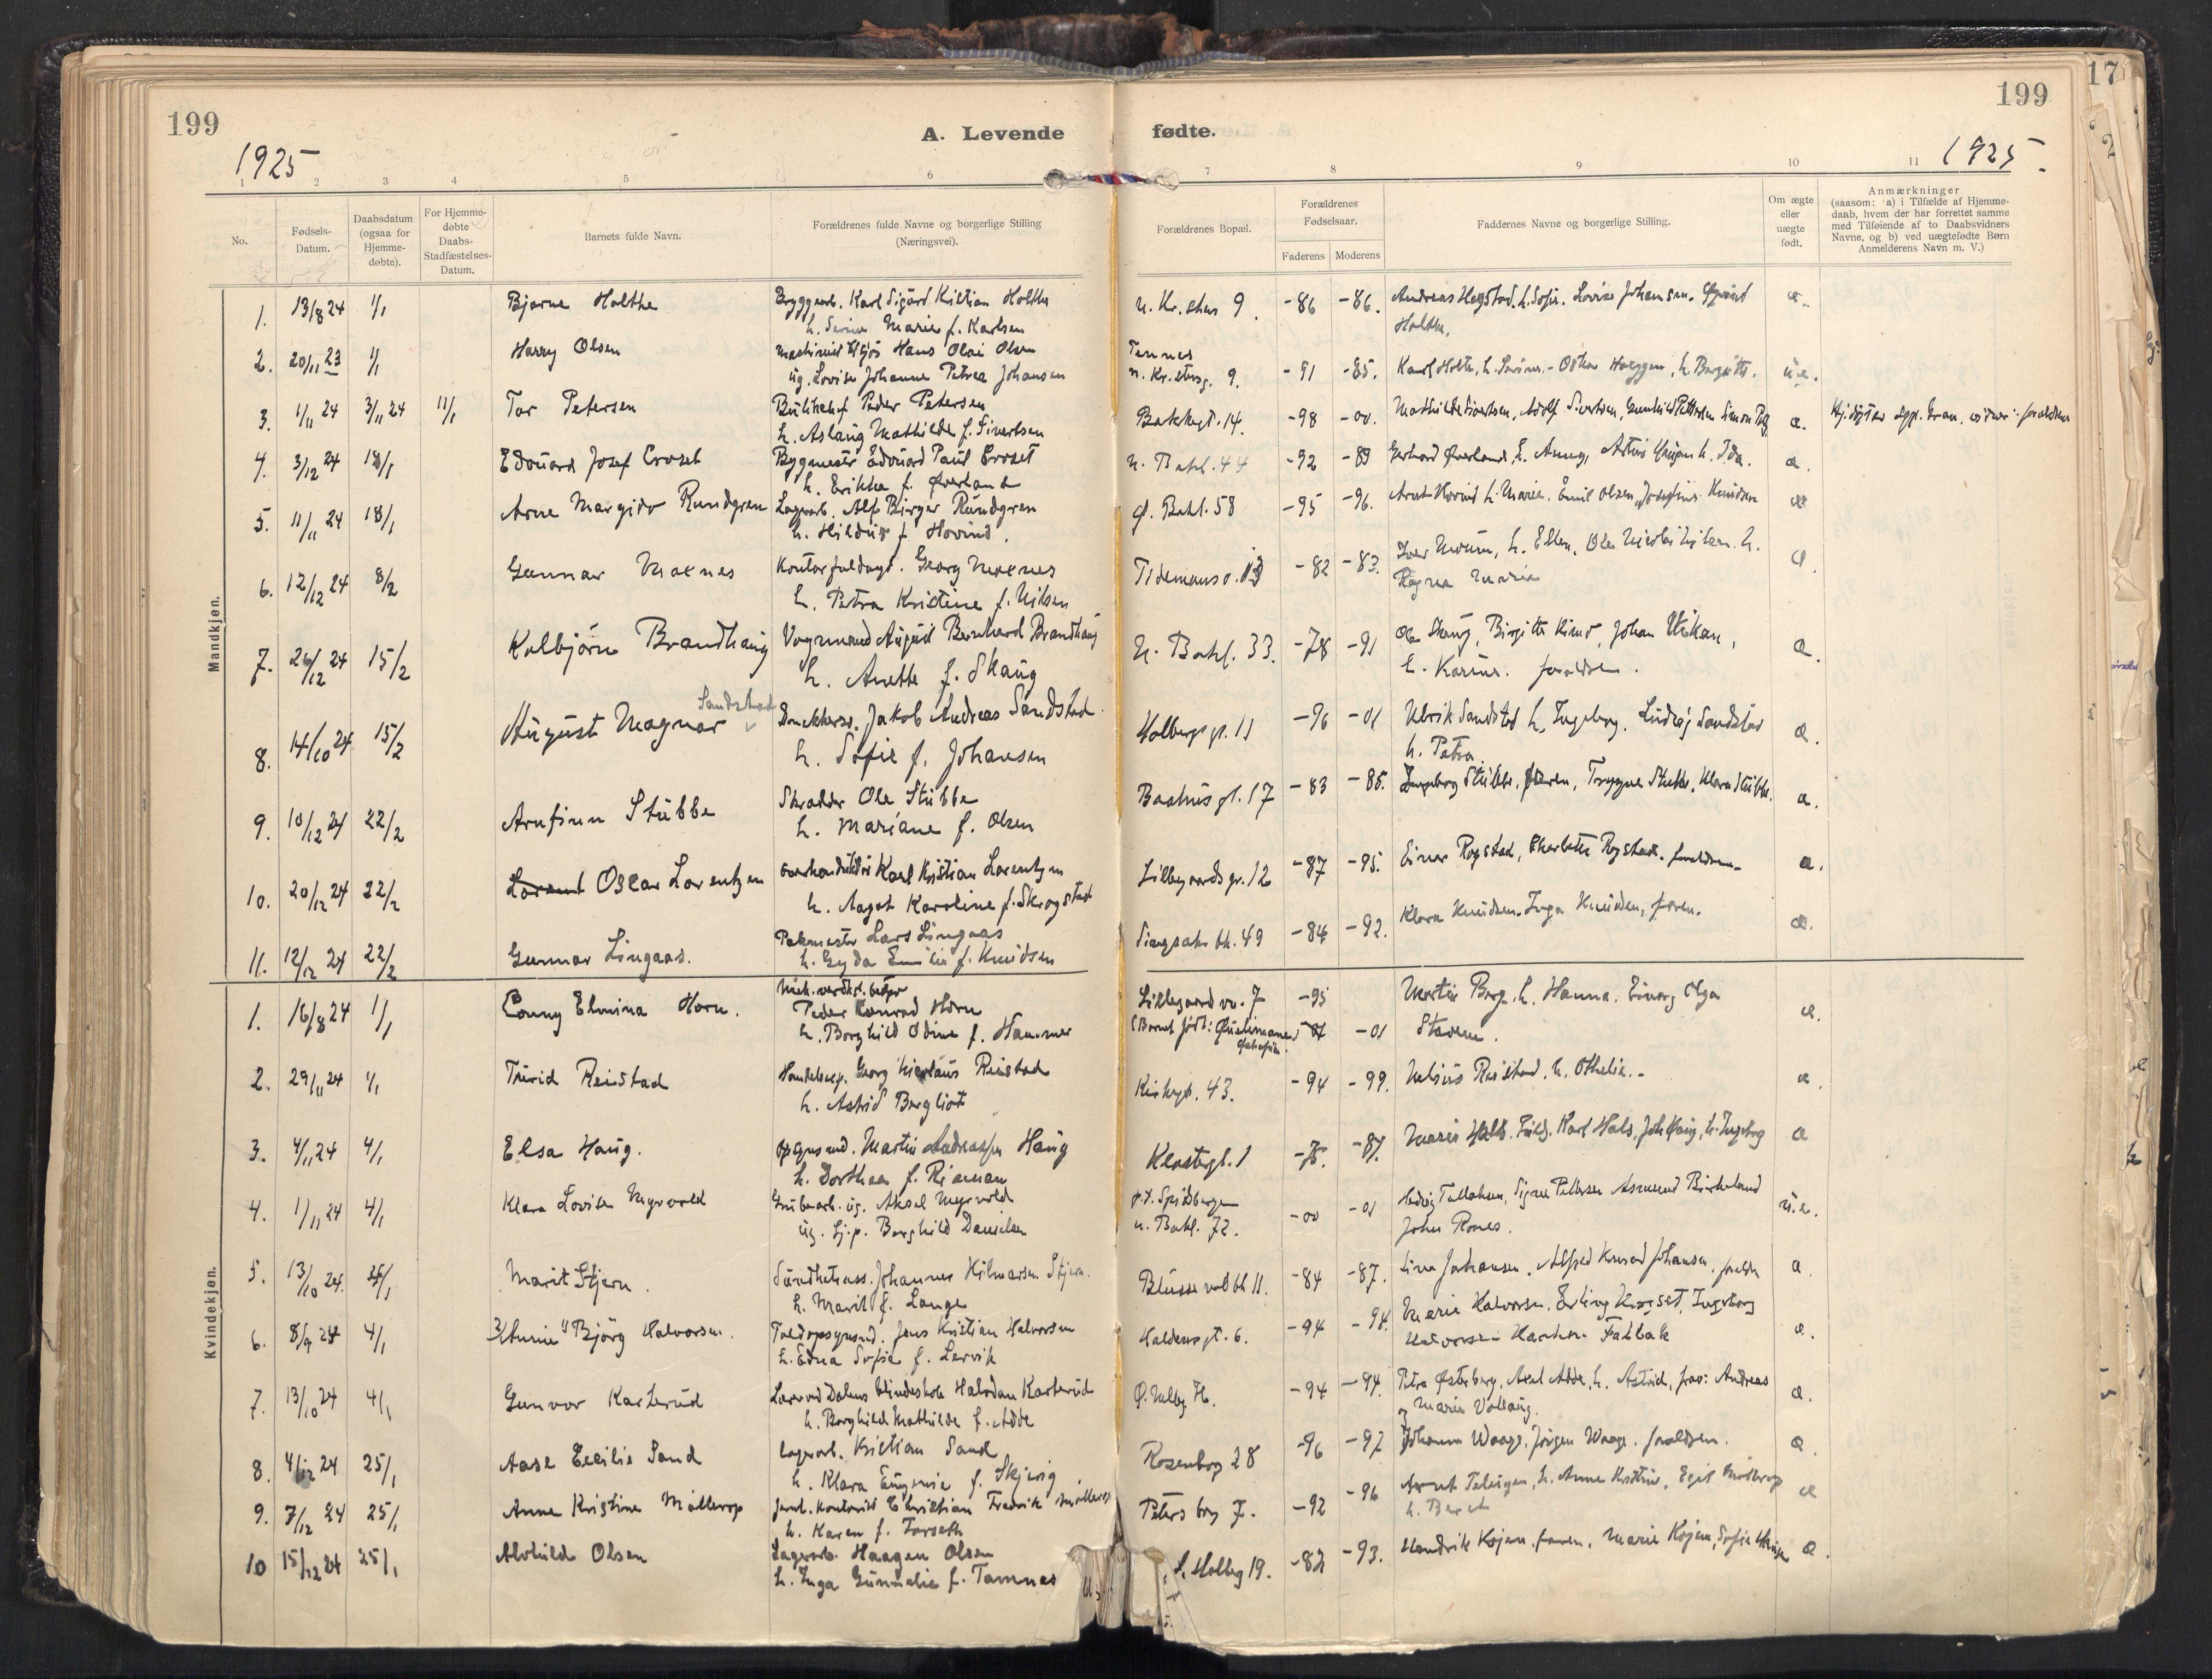 SAT, Ministerialprotokoller, klokkerbøker og fødselsregistre - Sør-Trøndelag, 604/L0205: Ministerialbok nr. 604A25, 1917-1932, s. 199